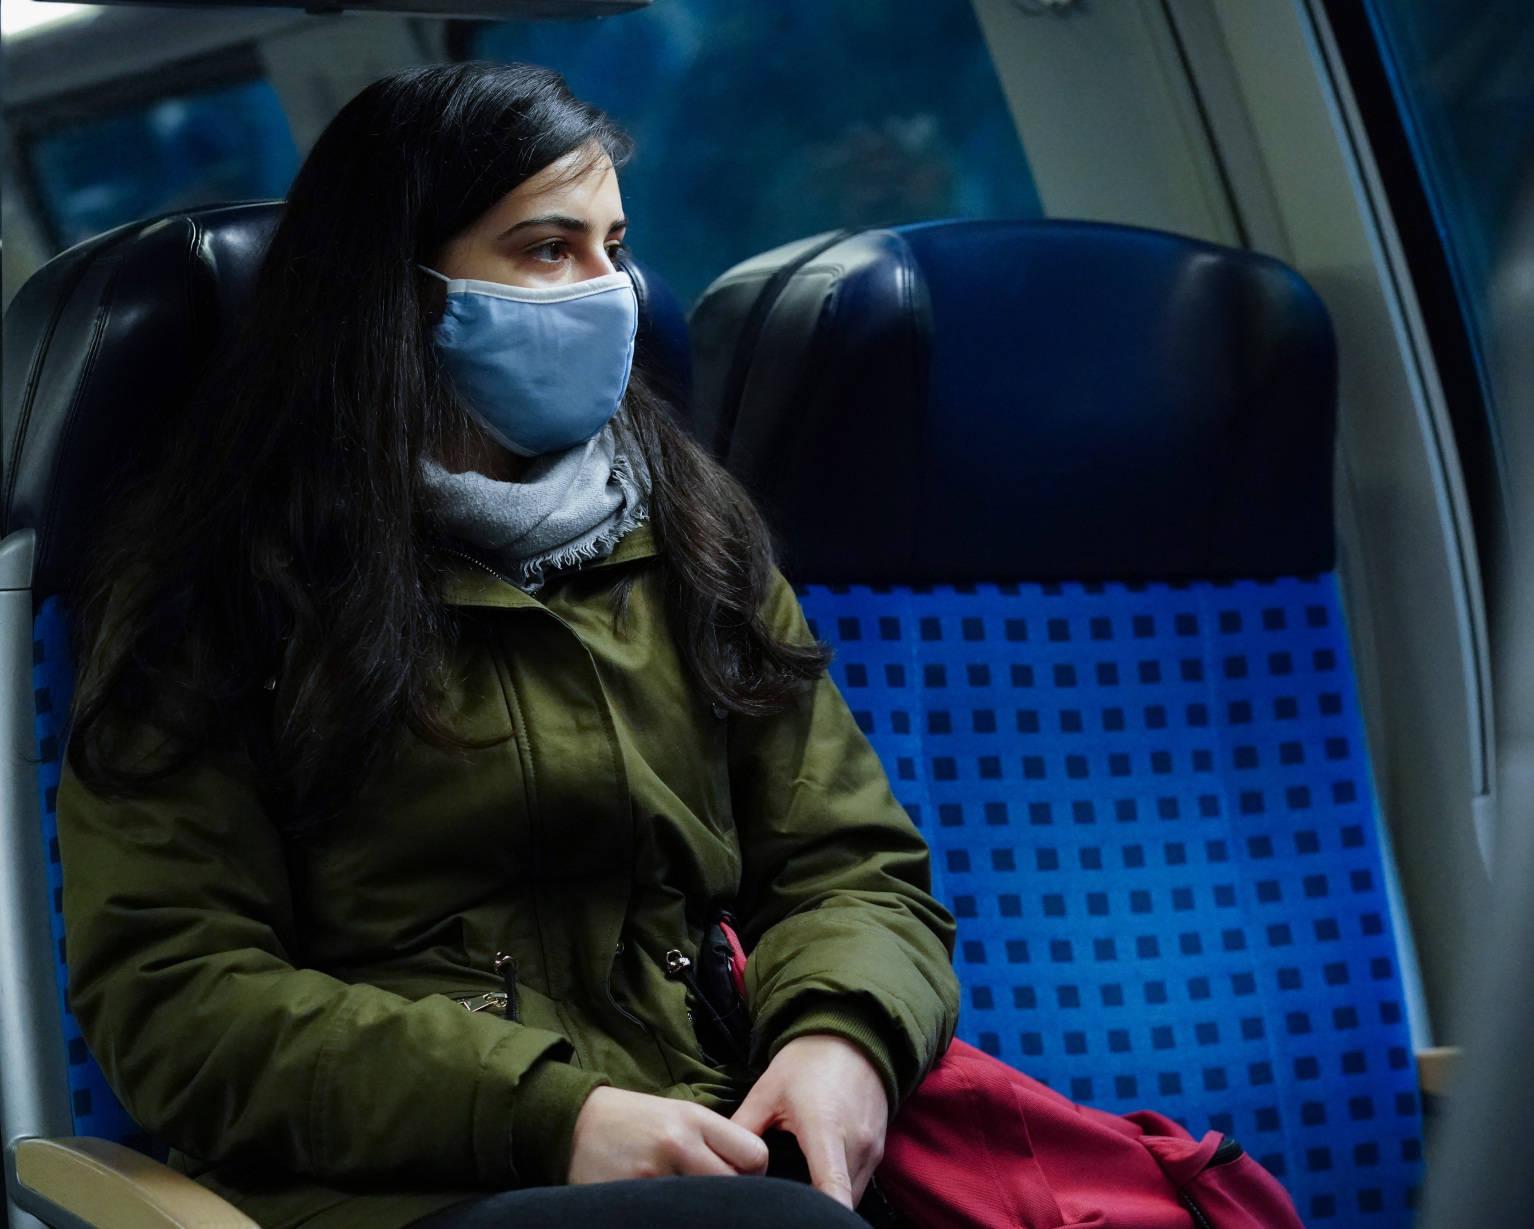 Frau trägt Gesichtsmaske und fährt Bahn